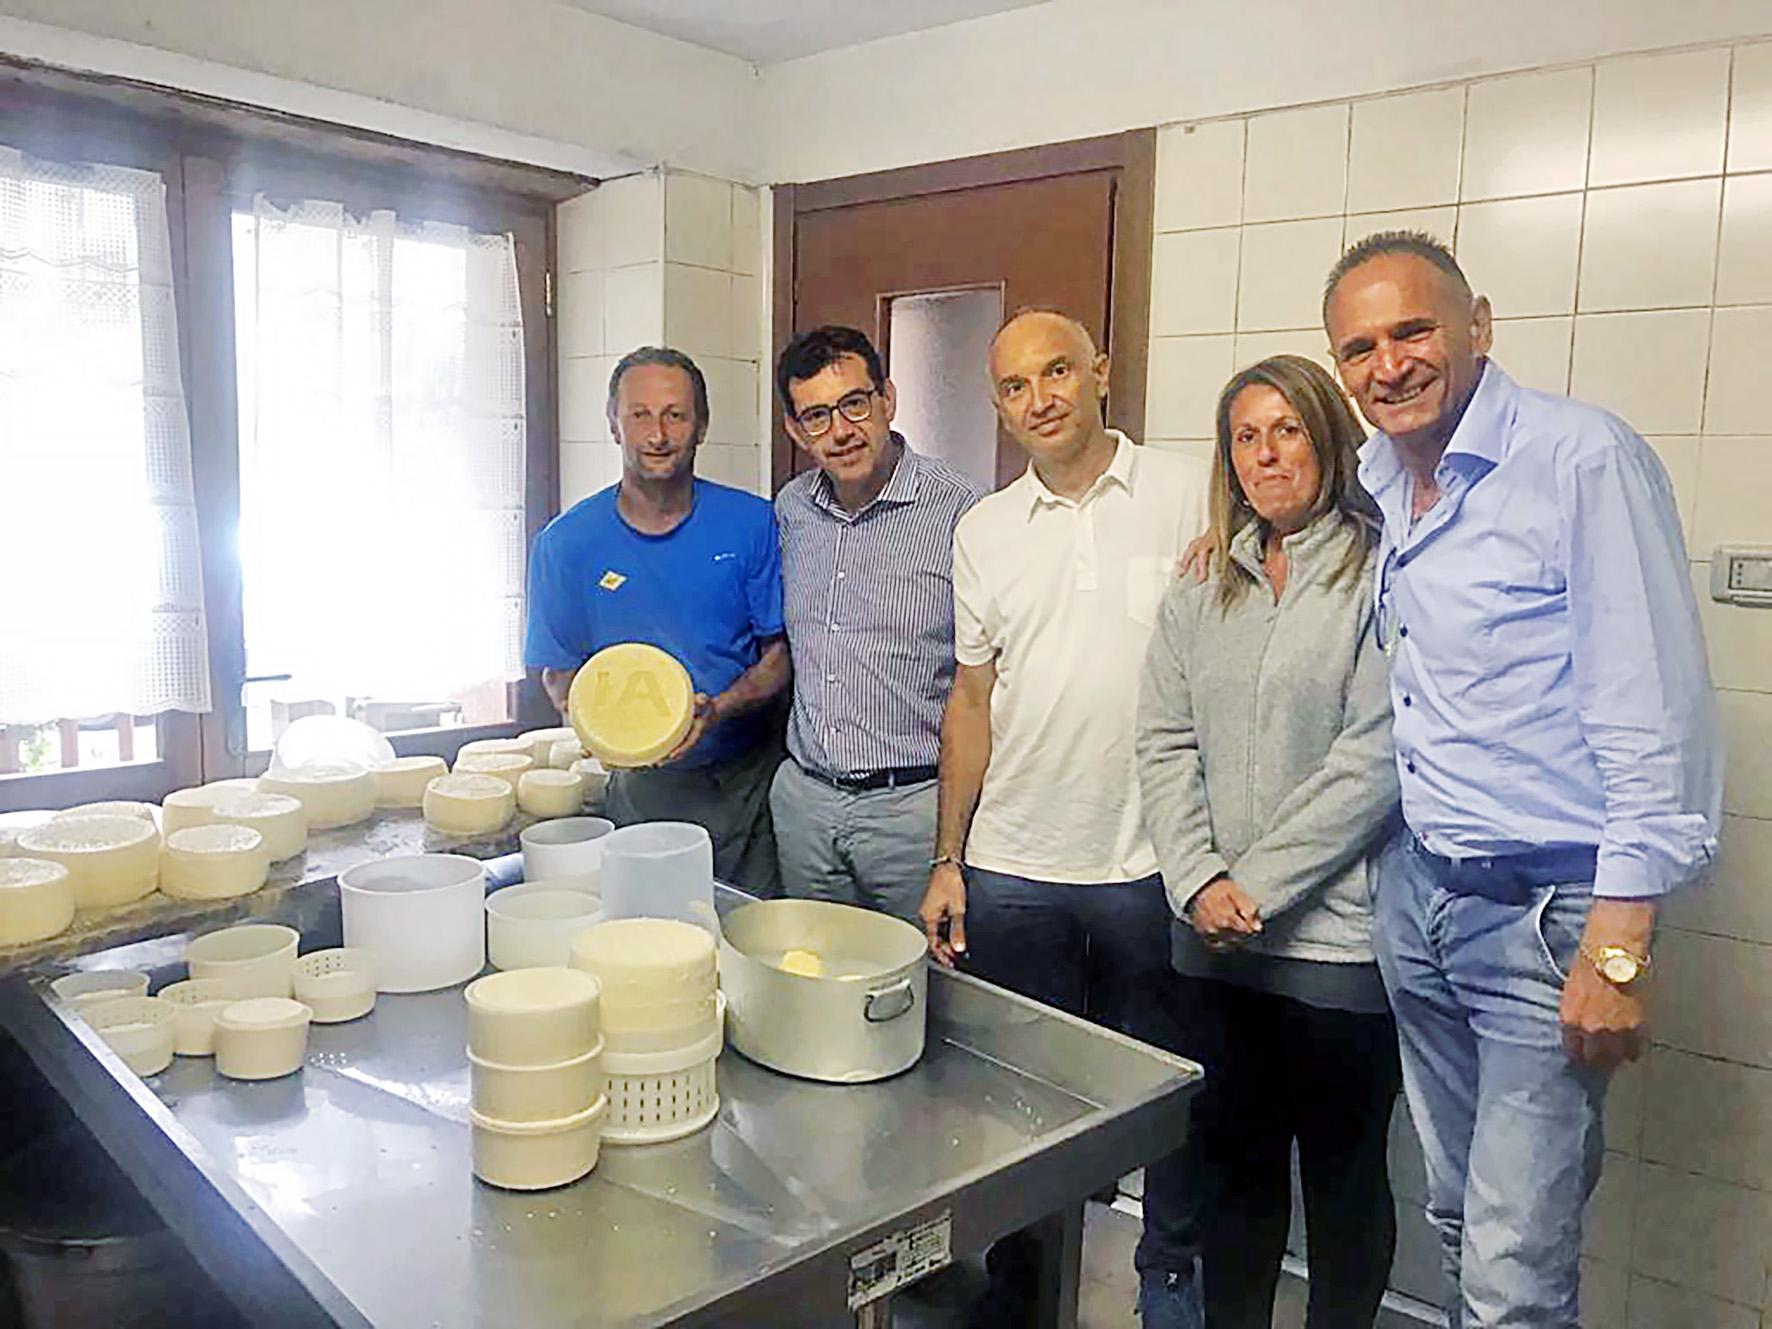 La delegazione di Confagricoltura Cuneo nel laboratorio di caseificazione di Andrea Lando e della moglie